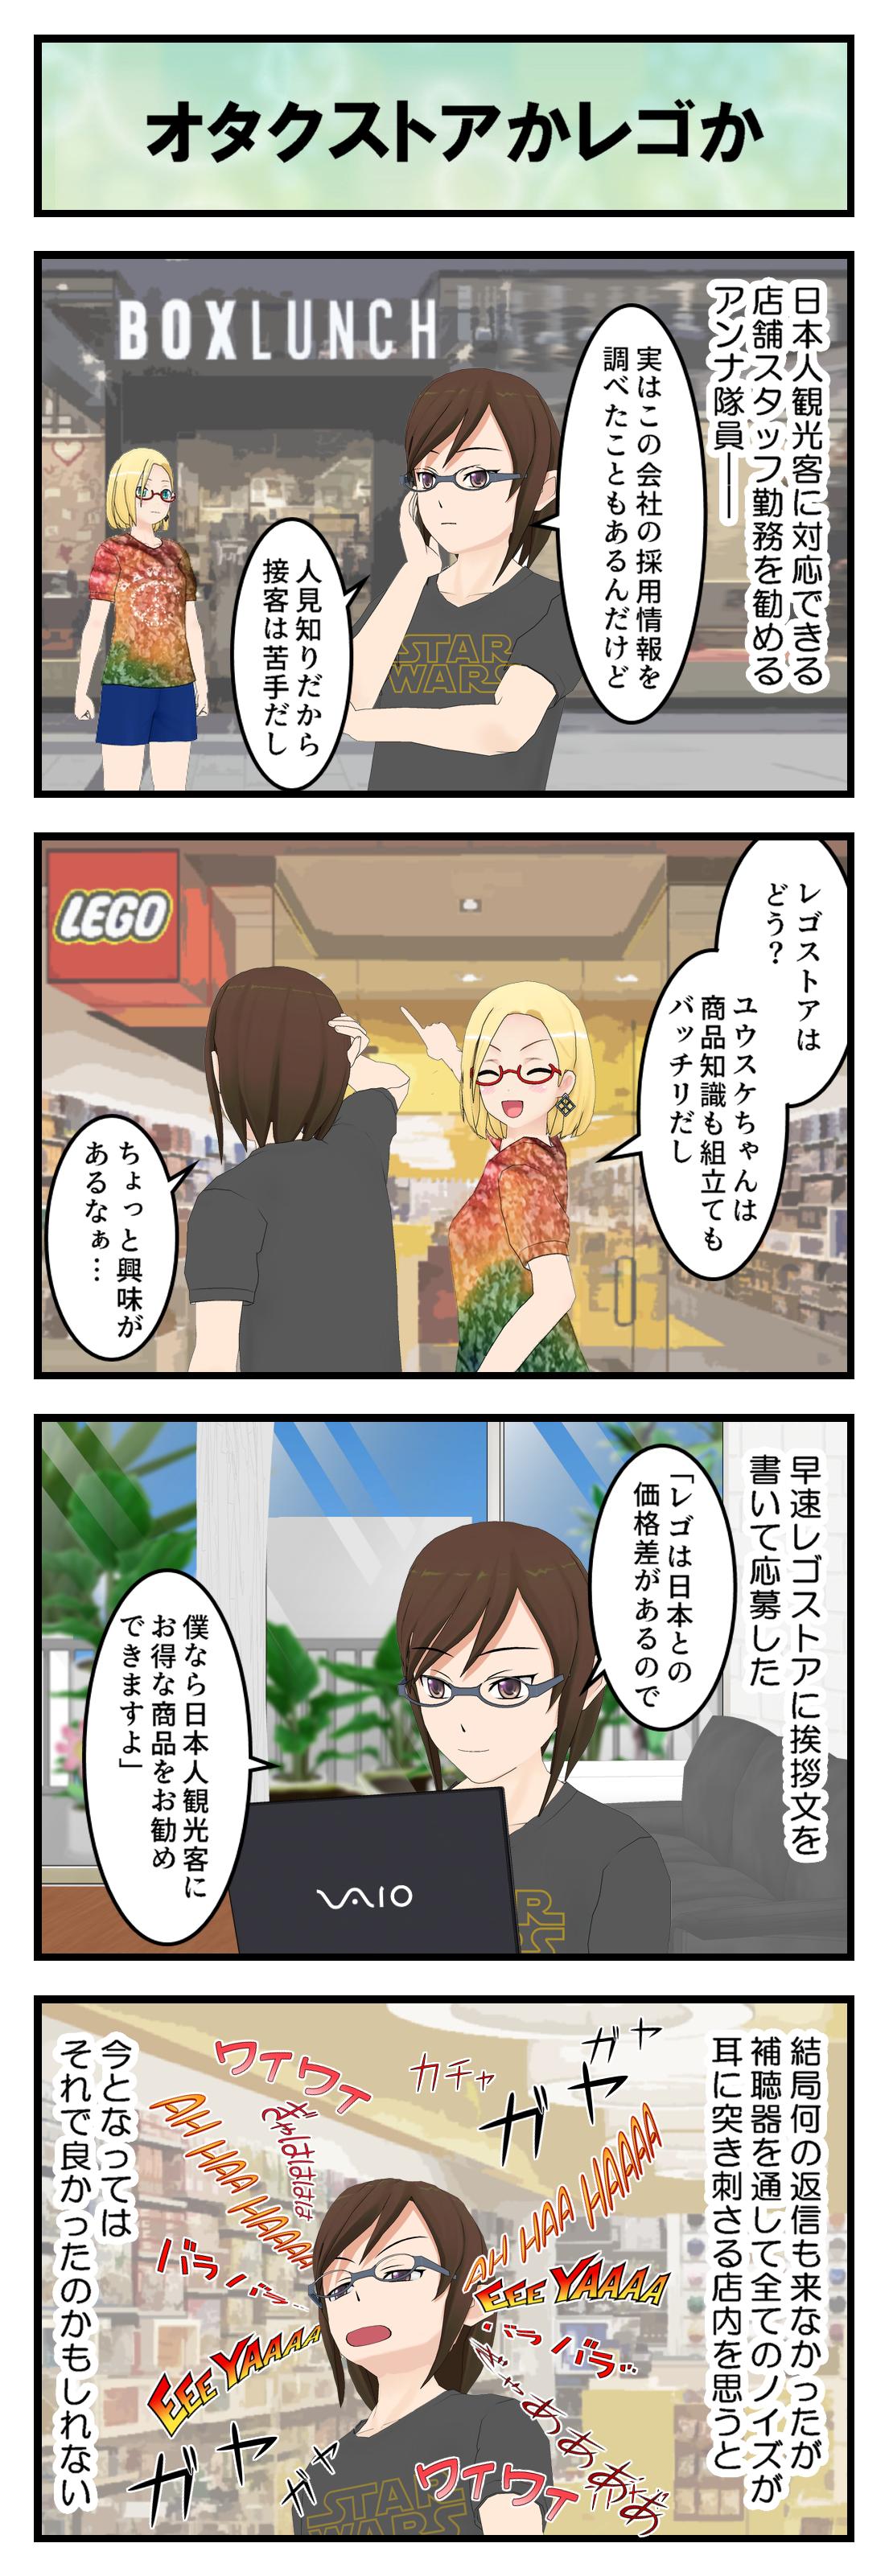 R442_レゴのひと?_001